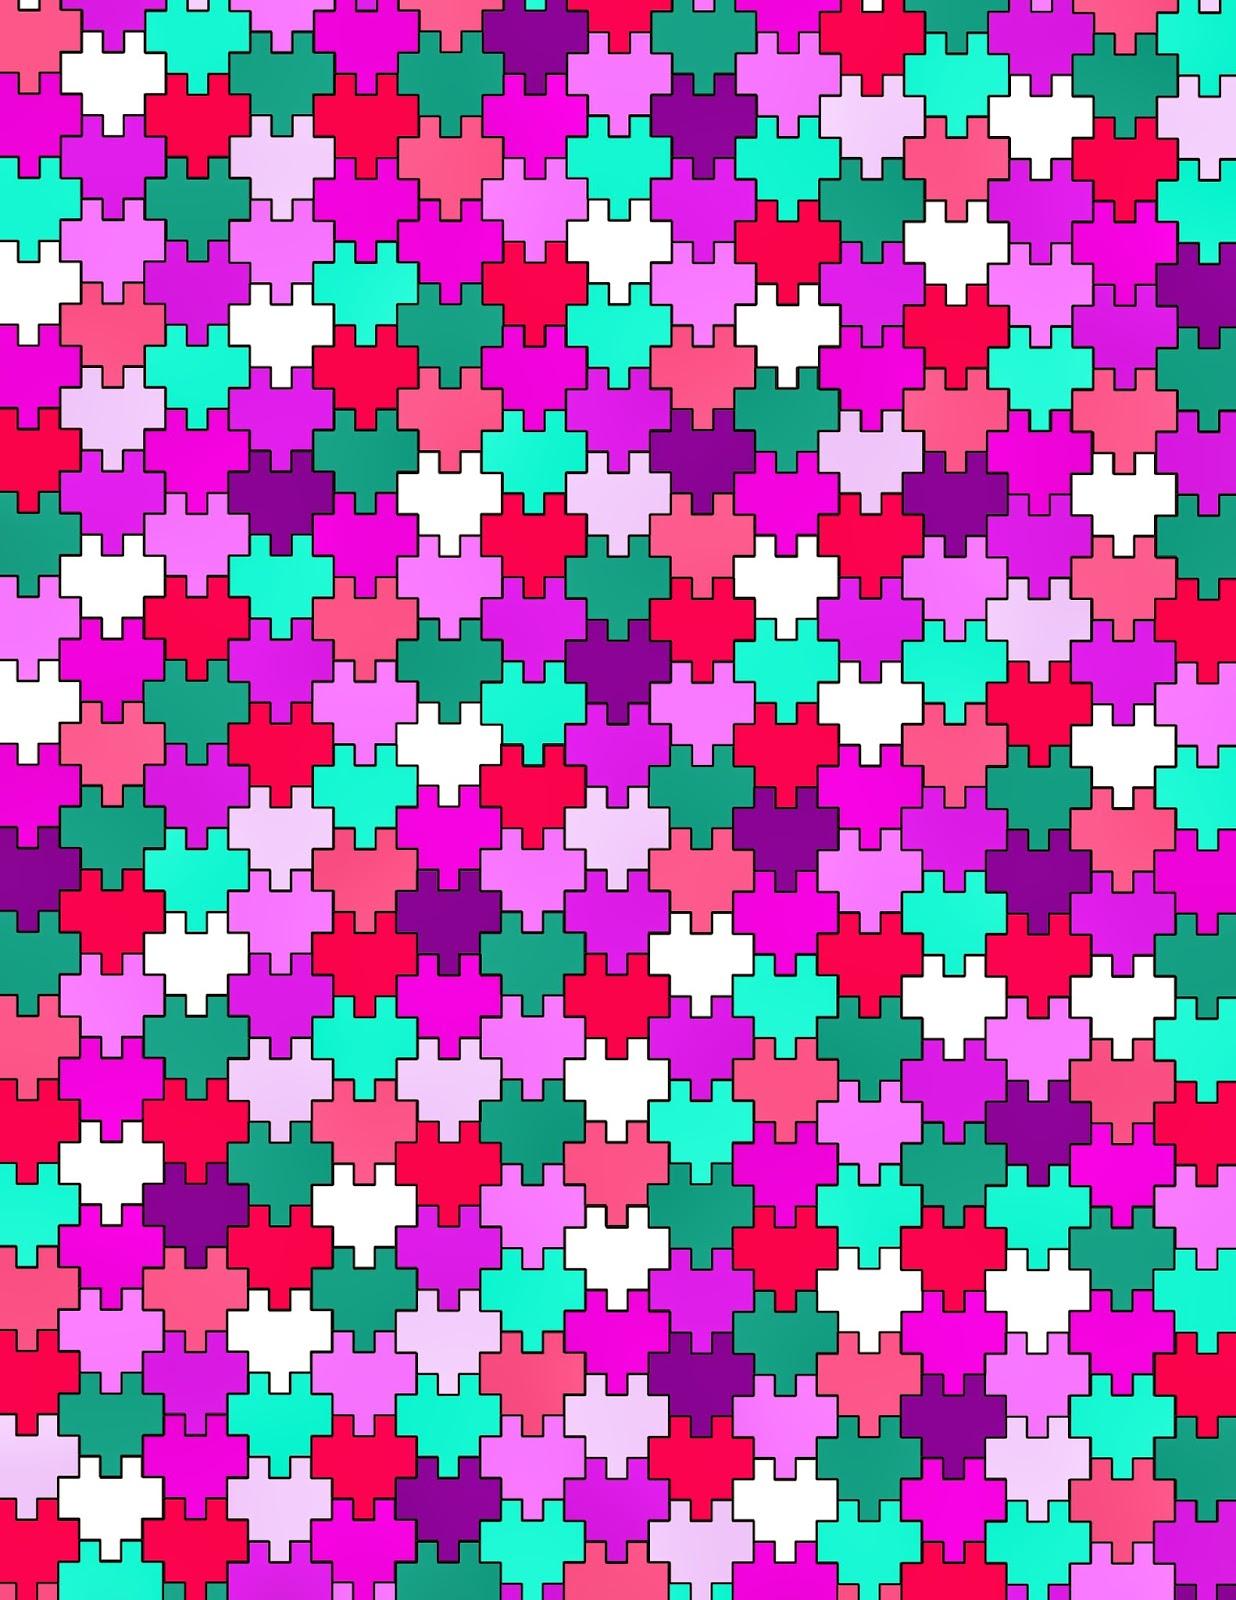 http://4.bp.blogspot.com/-lOOZUQvg1FE/VOR4w3WGBdI/AAAAAAAA200/UdjQYgQvIxo/s1600/letter%2Bpaper%2Bheart%2Bpixel%2Blight.jpg